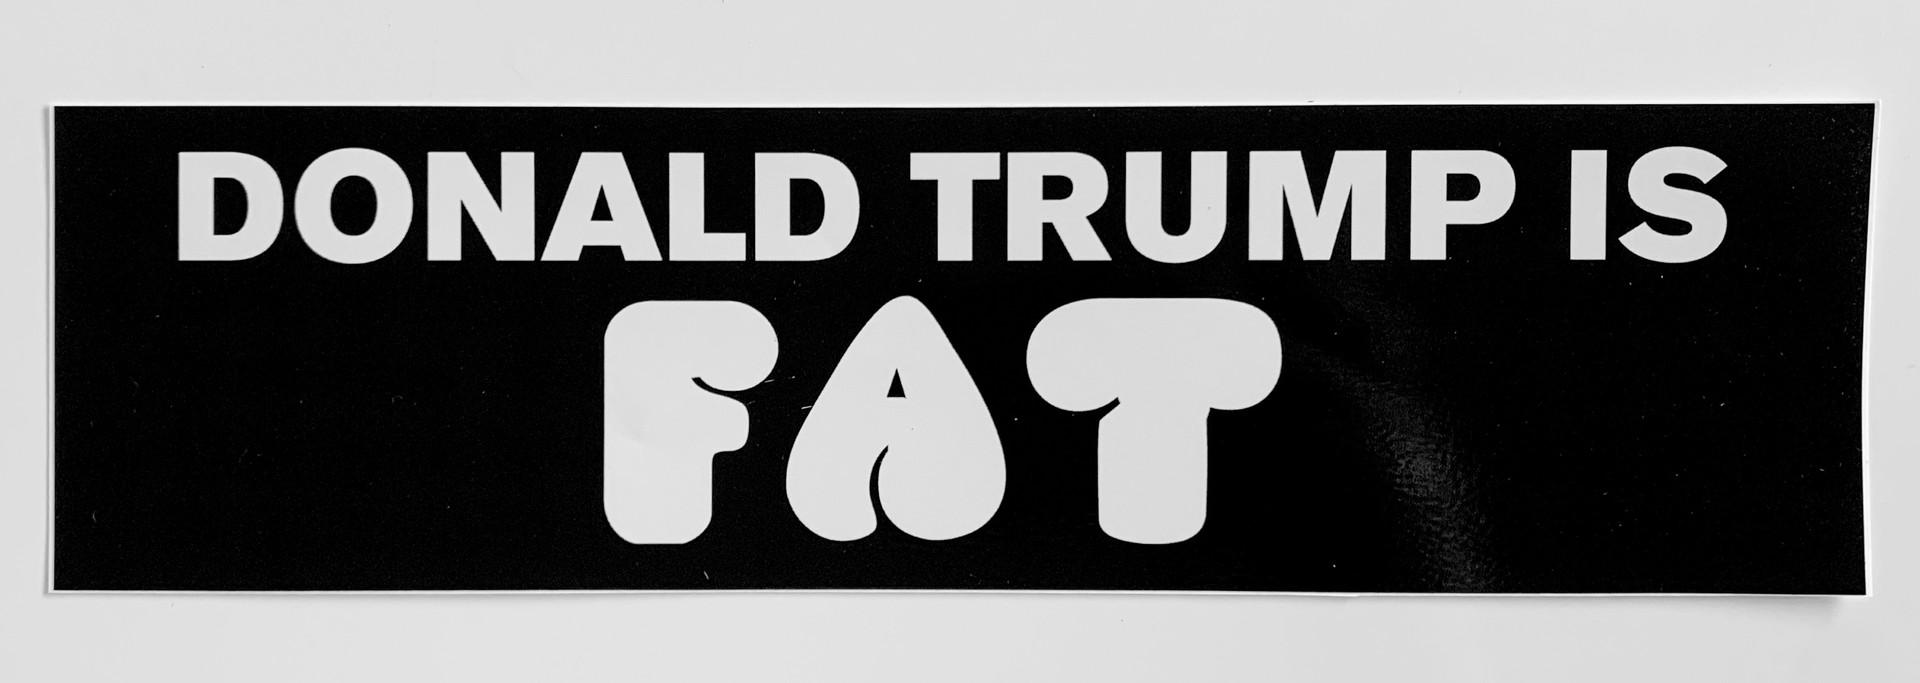 Donald Trump is Fat